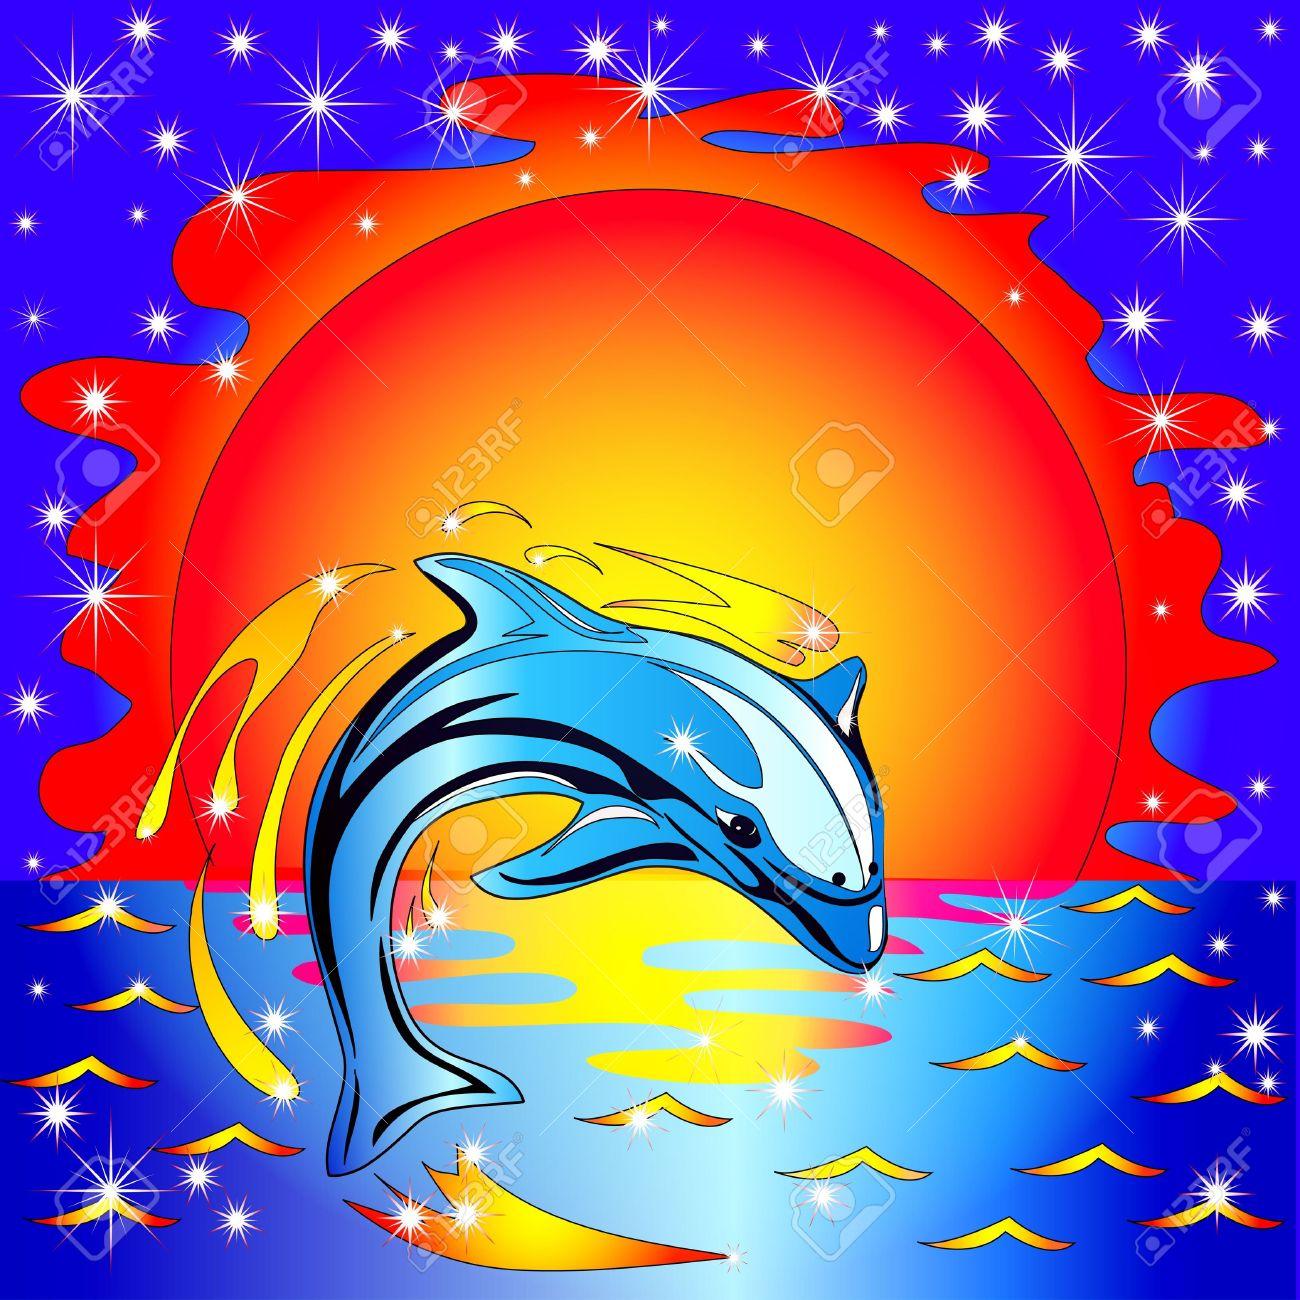 Illusztráció Ugrás Delfin Naplemente Előtt A Tengeren Royalty Free.